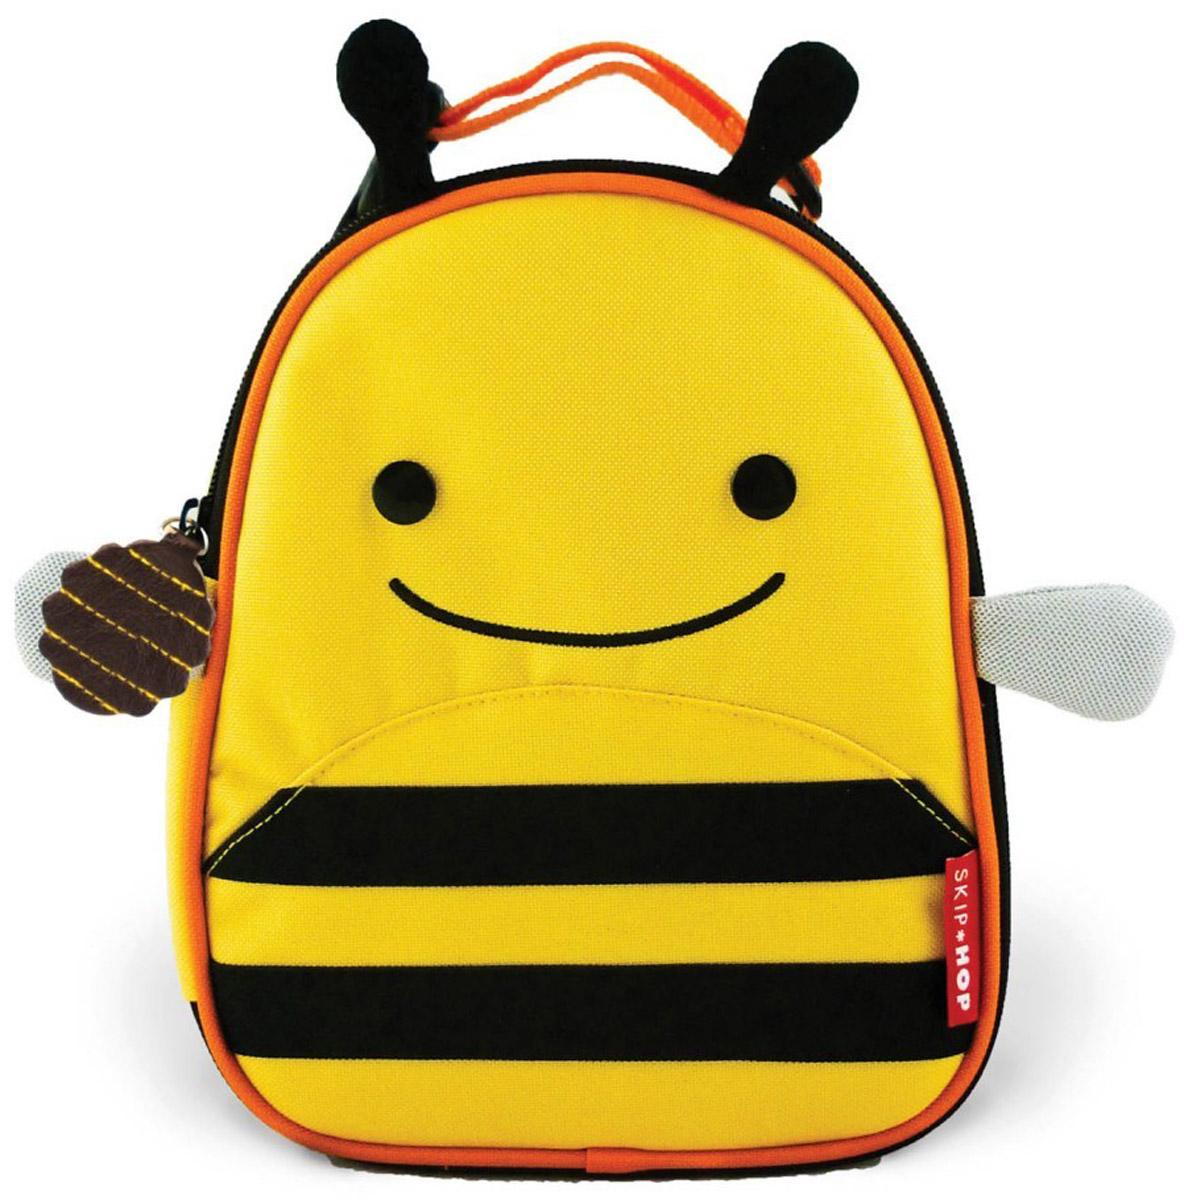 Skip Hop Сумка ланч-бокс детская Пчелка517099Превосходный ланч-бокс Skip Hop Пчелка отлично сохранит свежесть и вкус продуктов для вашего ребёнка. Сумка с одним отделением изготовлена из прочного текстиля. Лицевая сторона декорирована изображением улыбающейся пчелки с крылышками и торчащими усиками-рожками. Внутренняя поверхность отделана термоизоляционным материалом, благодаря которому продукты дольше остаются свежими. Изделие закрывается на пластиковую застежку-молнию с удобным держателем на бегунке. Внутри имеется сетчатый карман для хранения аксессуаров и текстильная нашивка для записи имени владельца сумки. Ланч-бокс дополнен удобной текстильной ручкой с регулируемой длиной и пластиковым карабином. Такая сумка ланч-бокс пригодится везде: на прогулке, во время учебы, на отдыхе, во время путешествий.